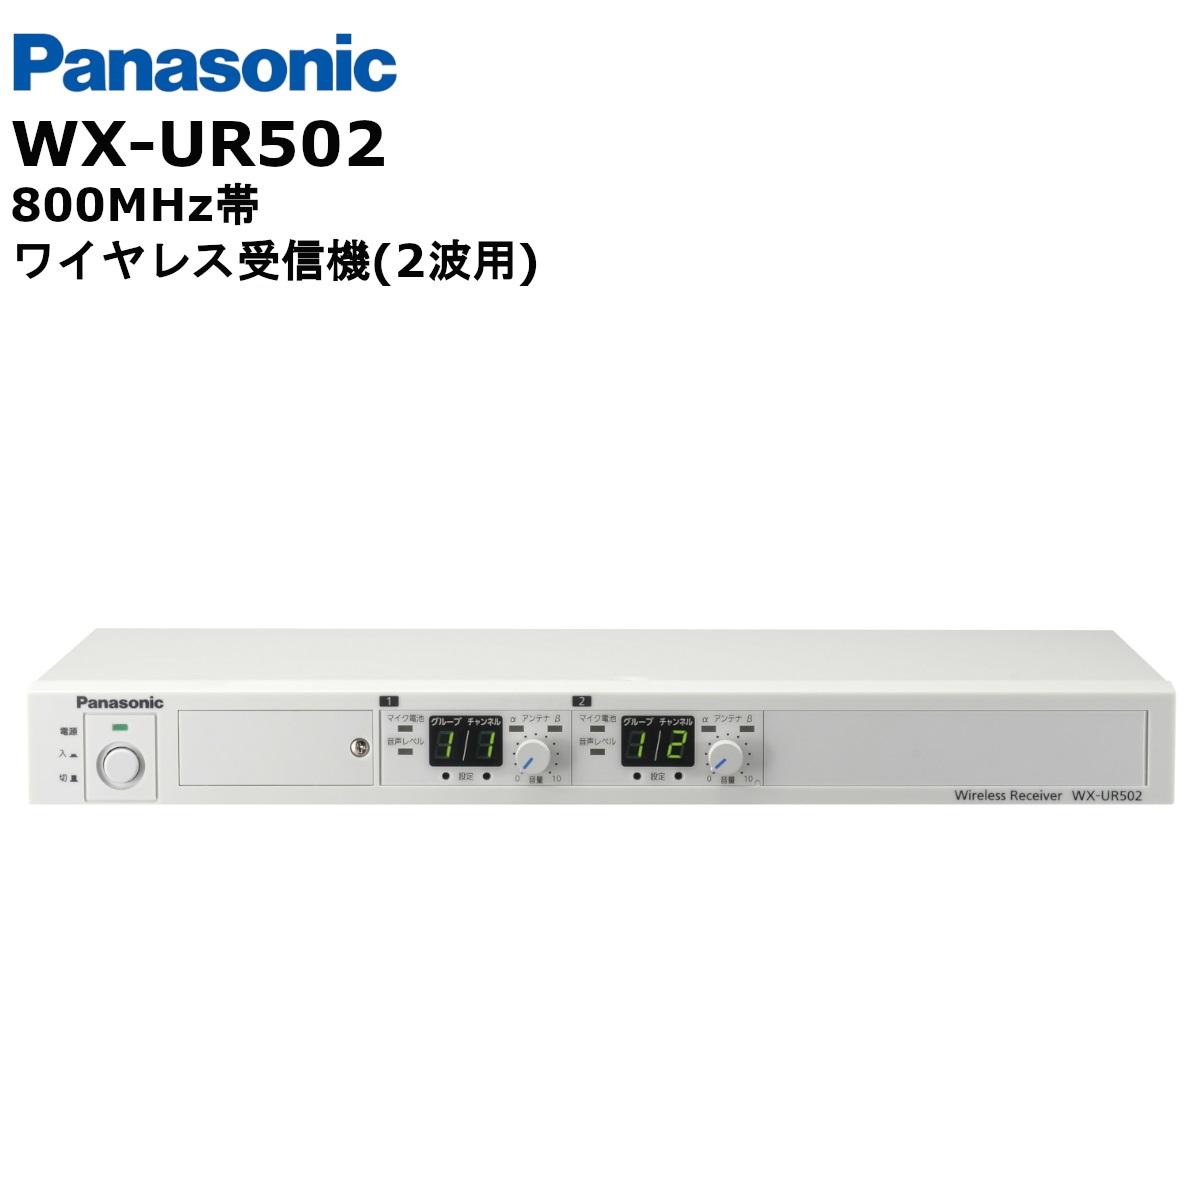 クリアな拡声を実現するワイヤレス受信機 WX-UR502 パナソニック Panasonic 800MHz帯ワイヤレス受信機 新作送料無料 価格 2波用 WXUR502